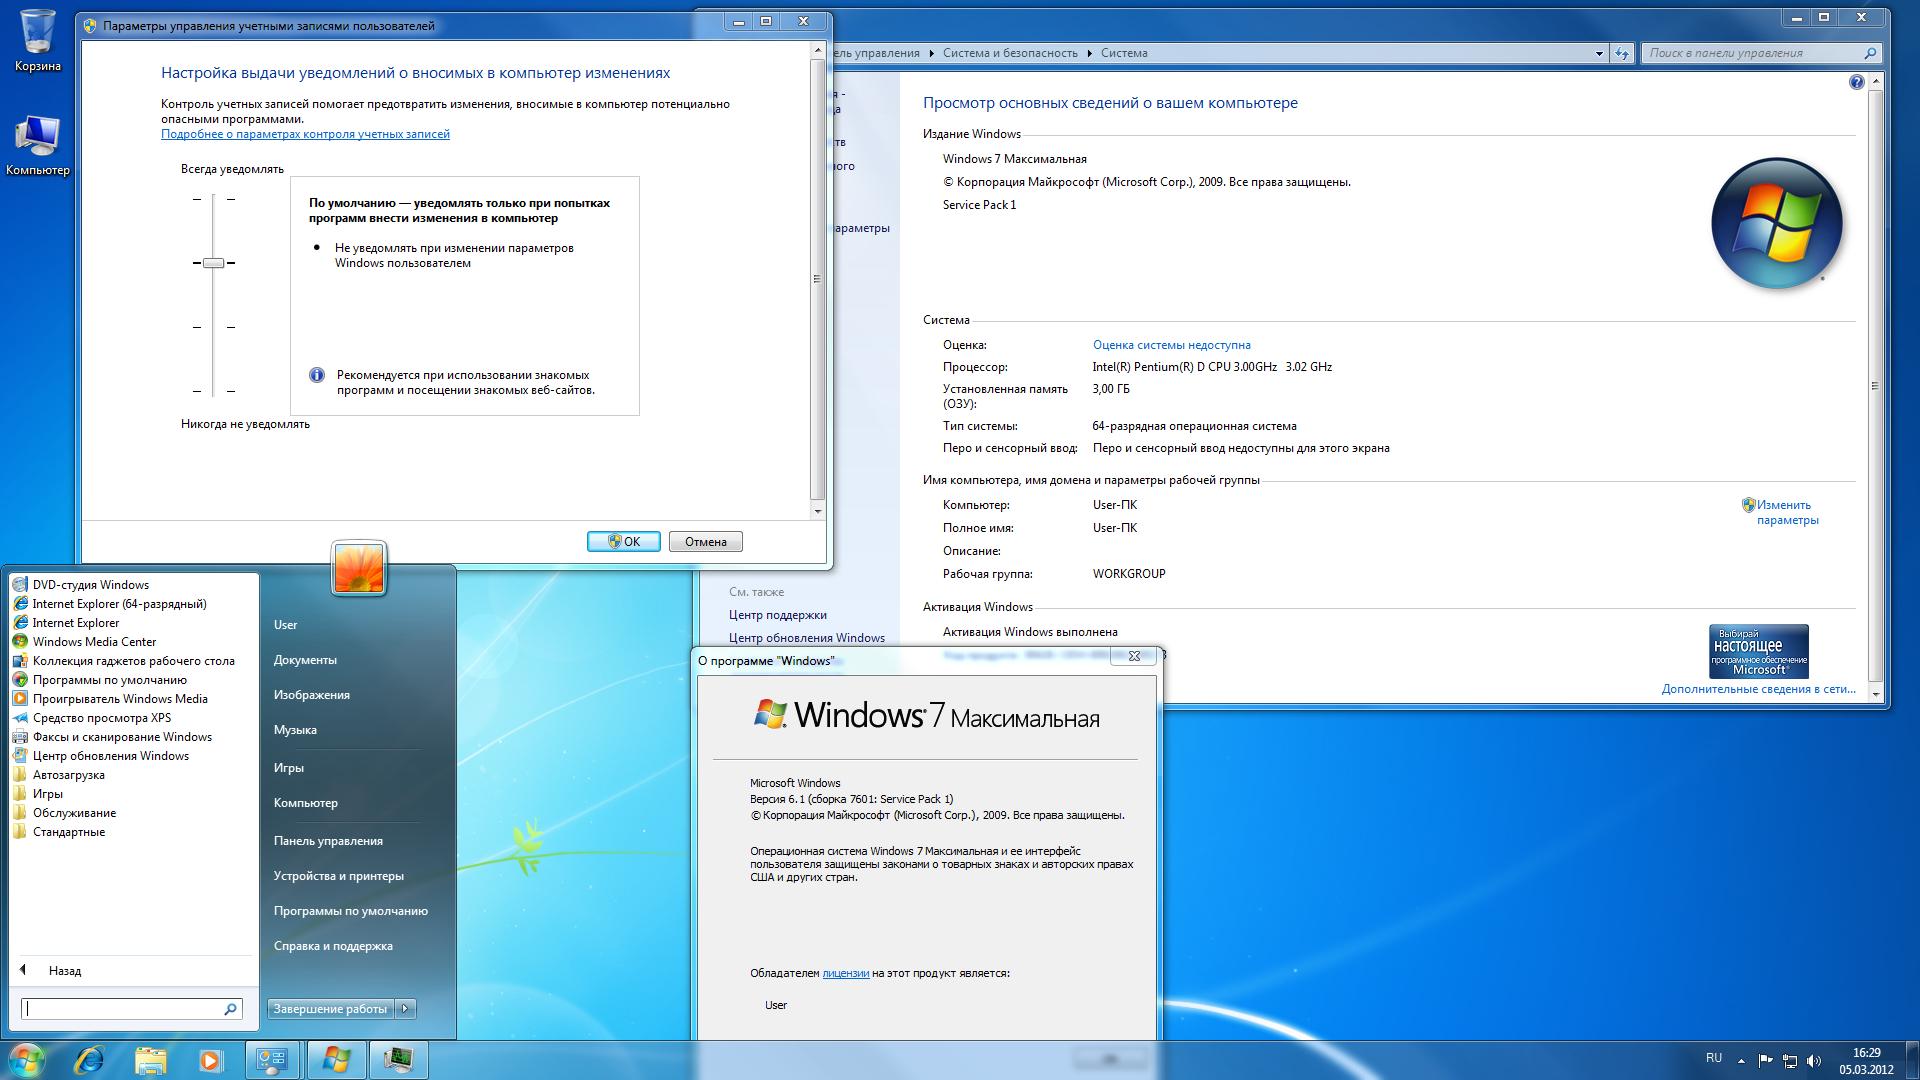 скачать windows 7 максимальная 32 bit оригинальный образ торрент 2015